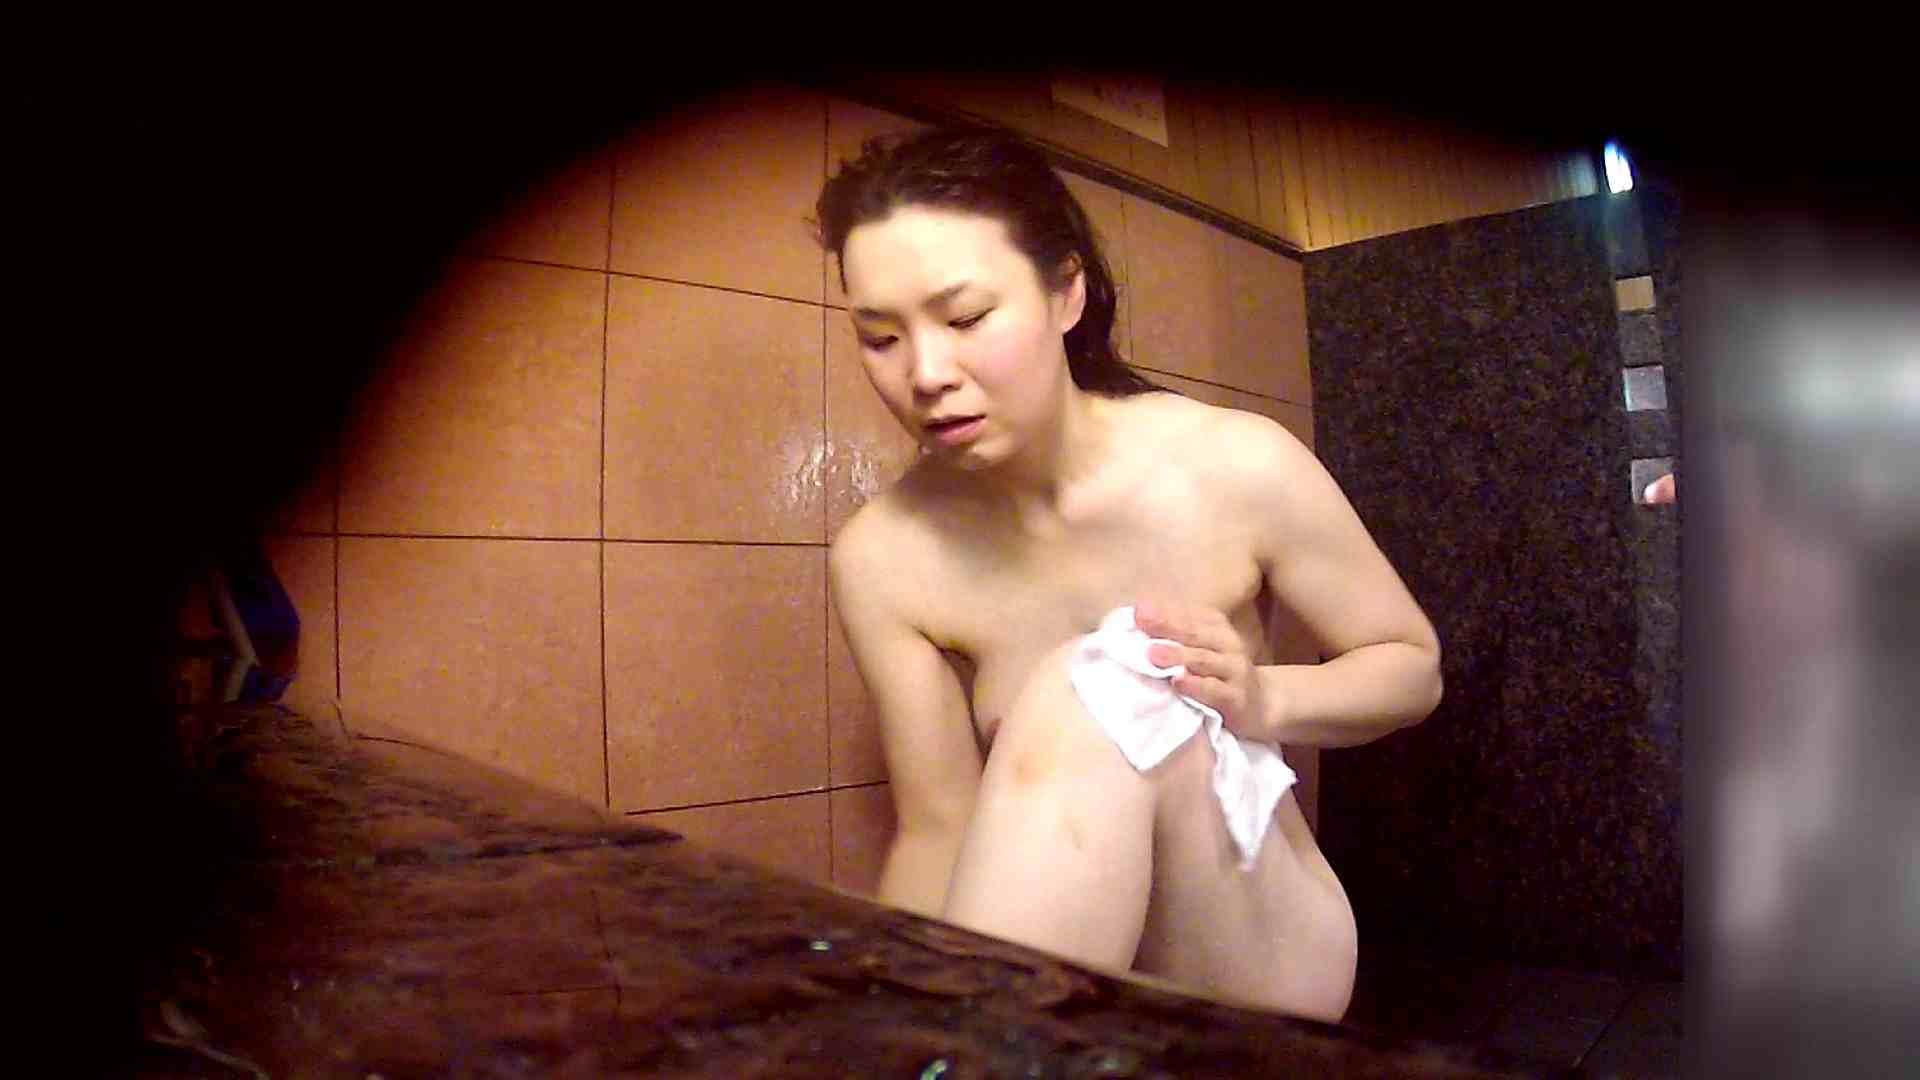 洗い場!マッスルお嬢さん!でもオッパイだけは柔らかそうです。 巨乳 | むっちり  108画像 22